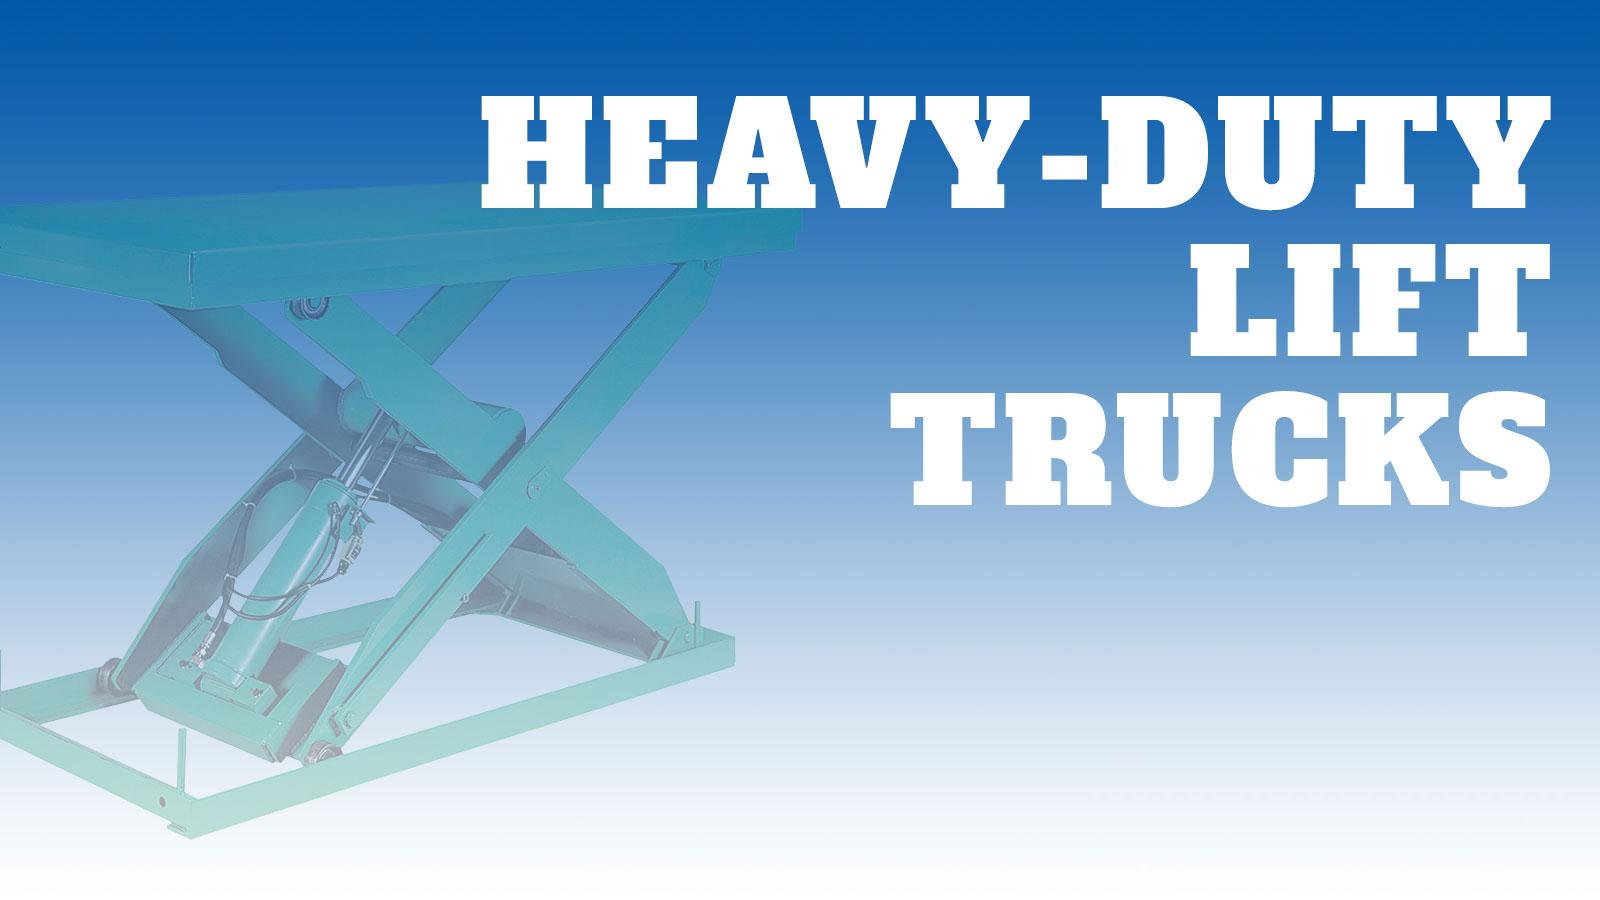 Lifting-Heavy-Duty-Lift